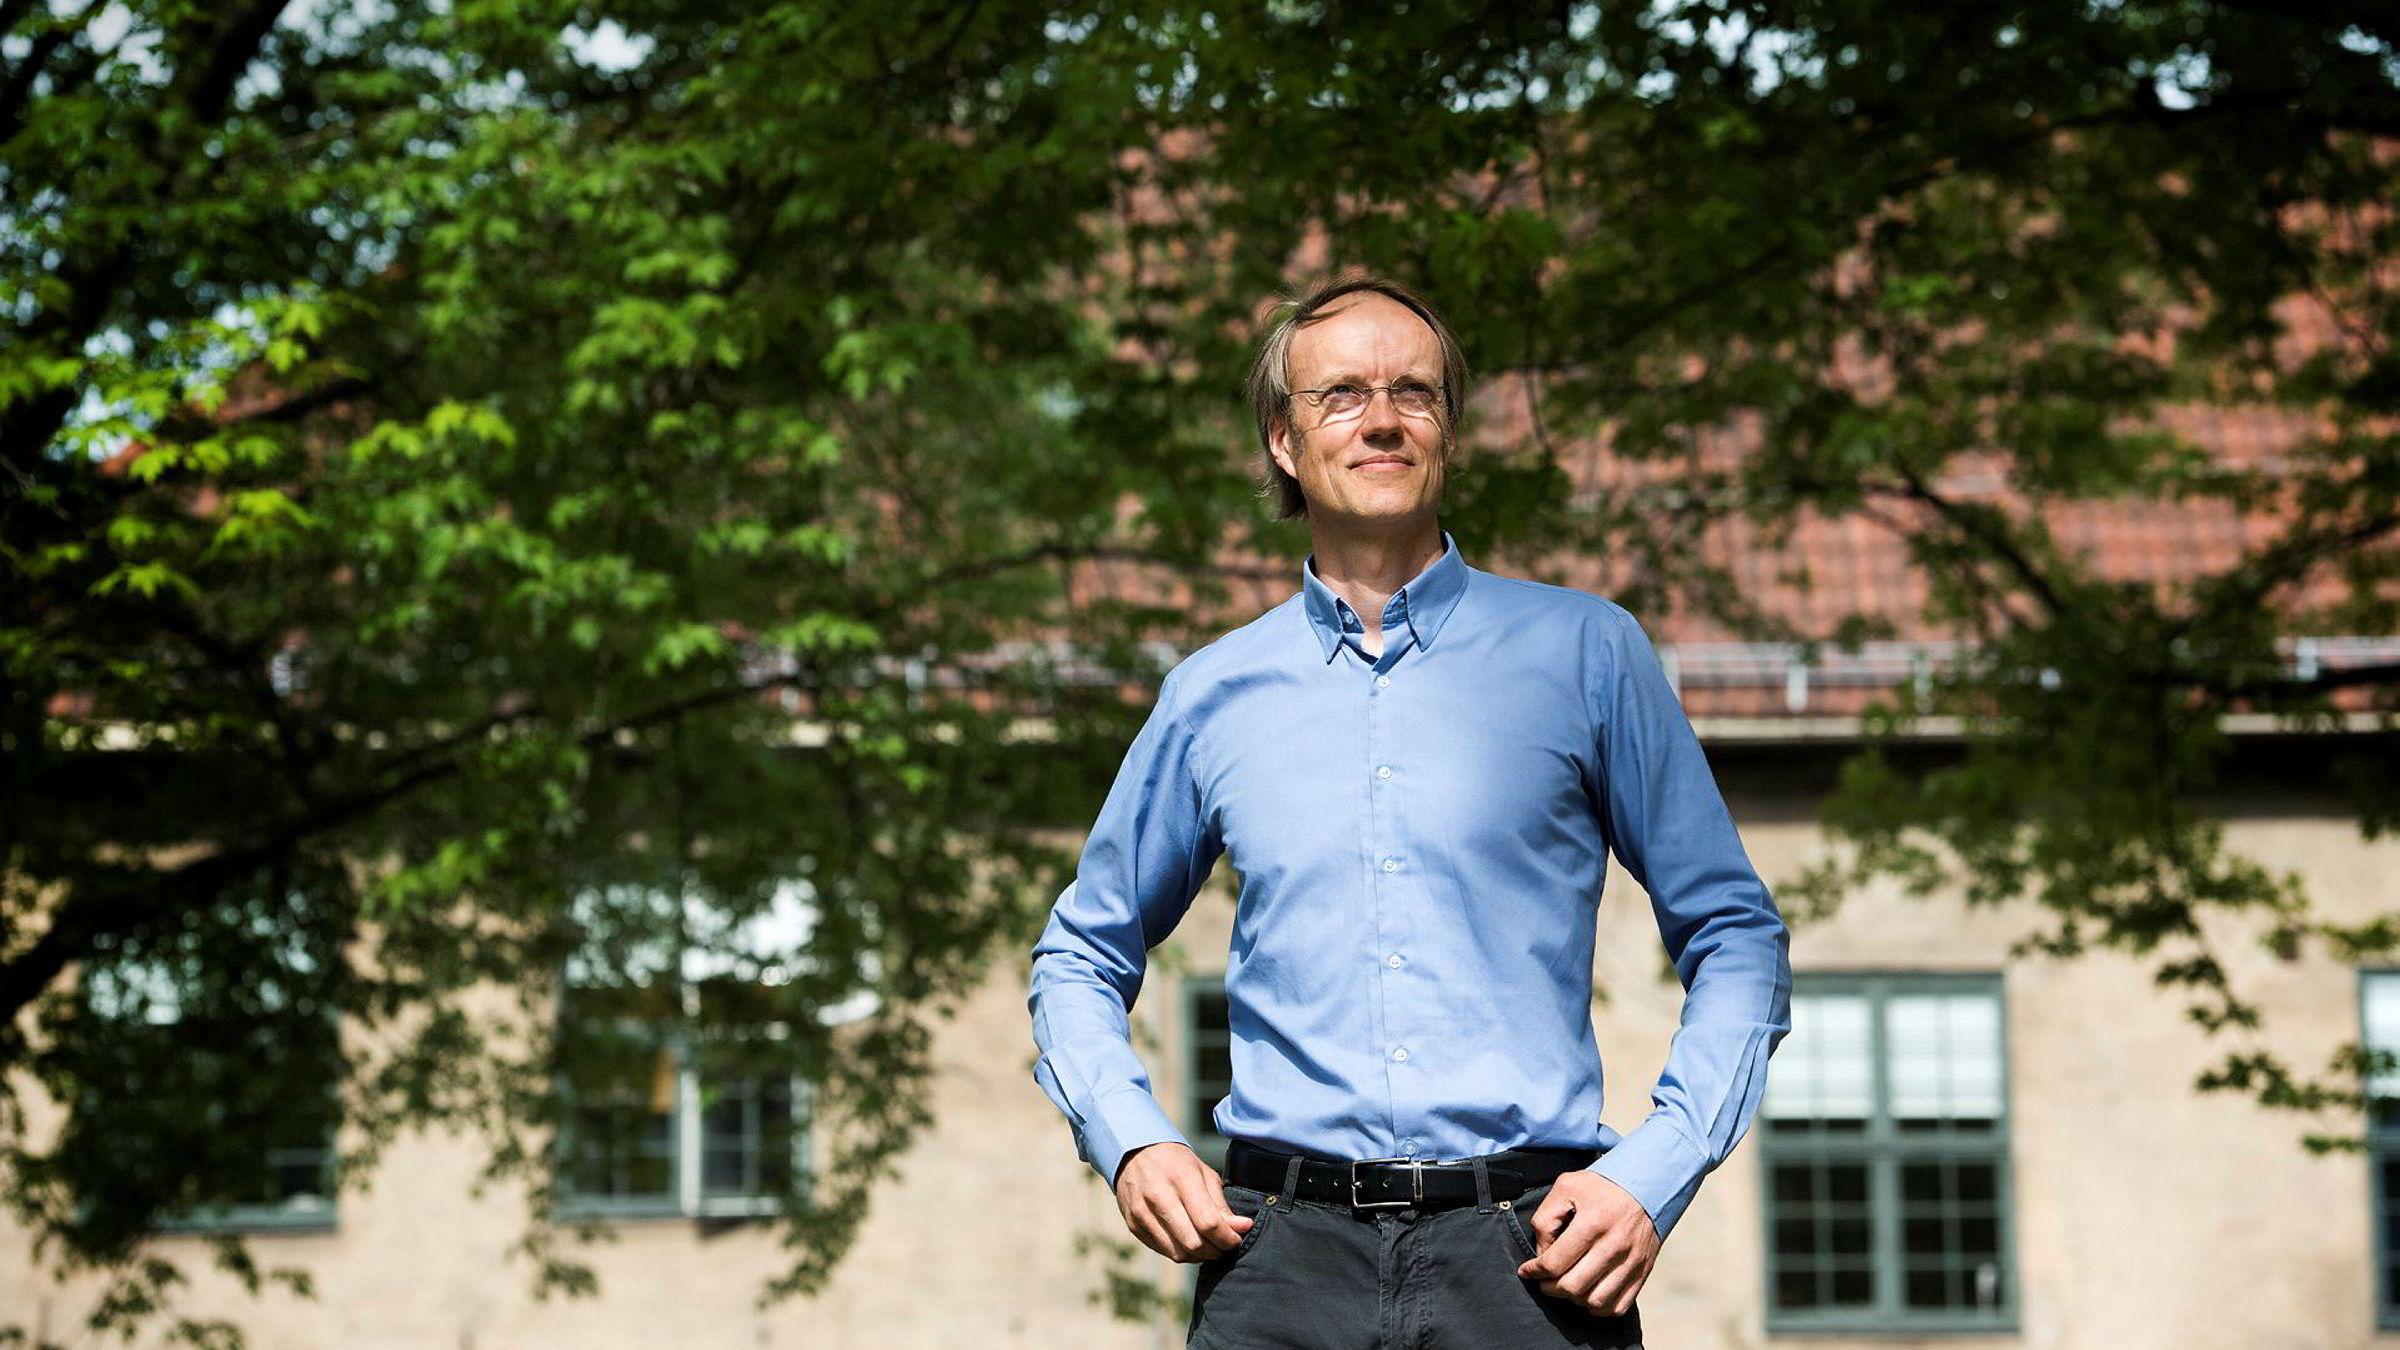 Bærekraftsinvestor Carsten Hjelde har tjent svært gode penger på å investere i miljøvennlige selskaper.